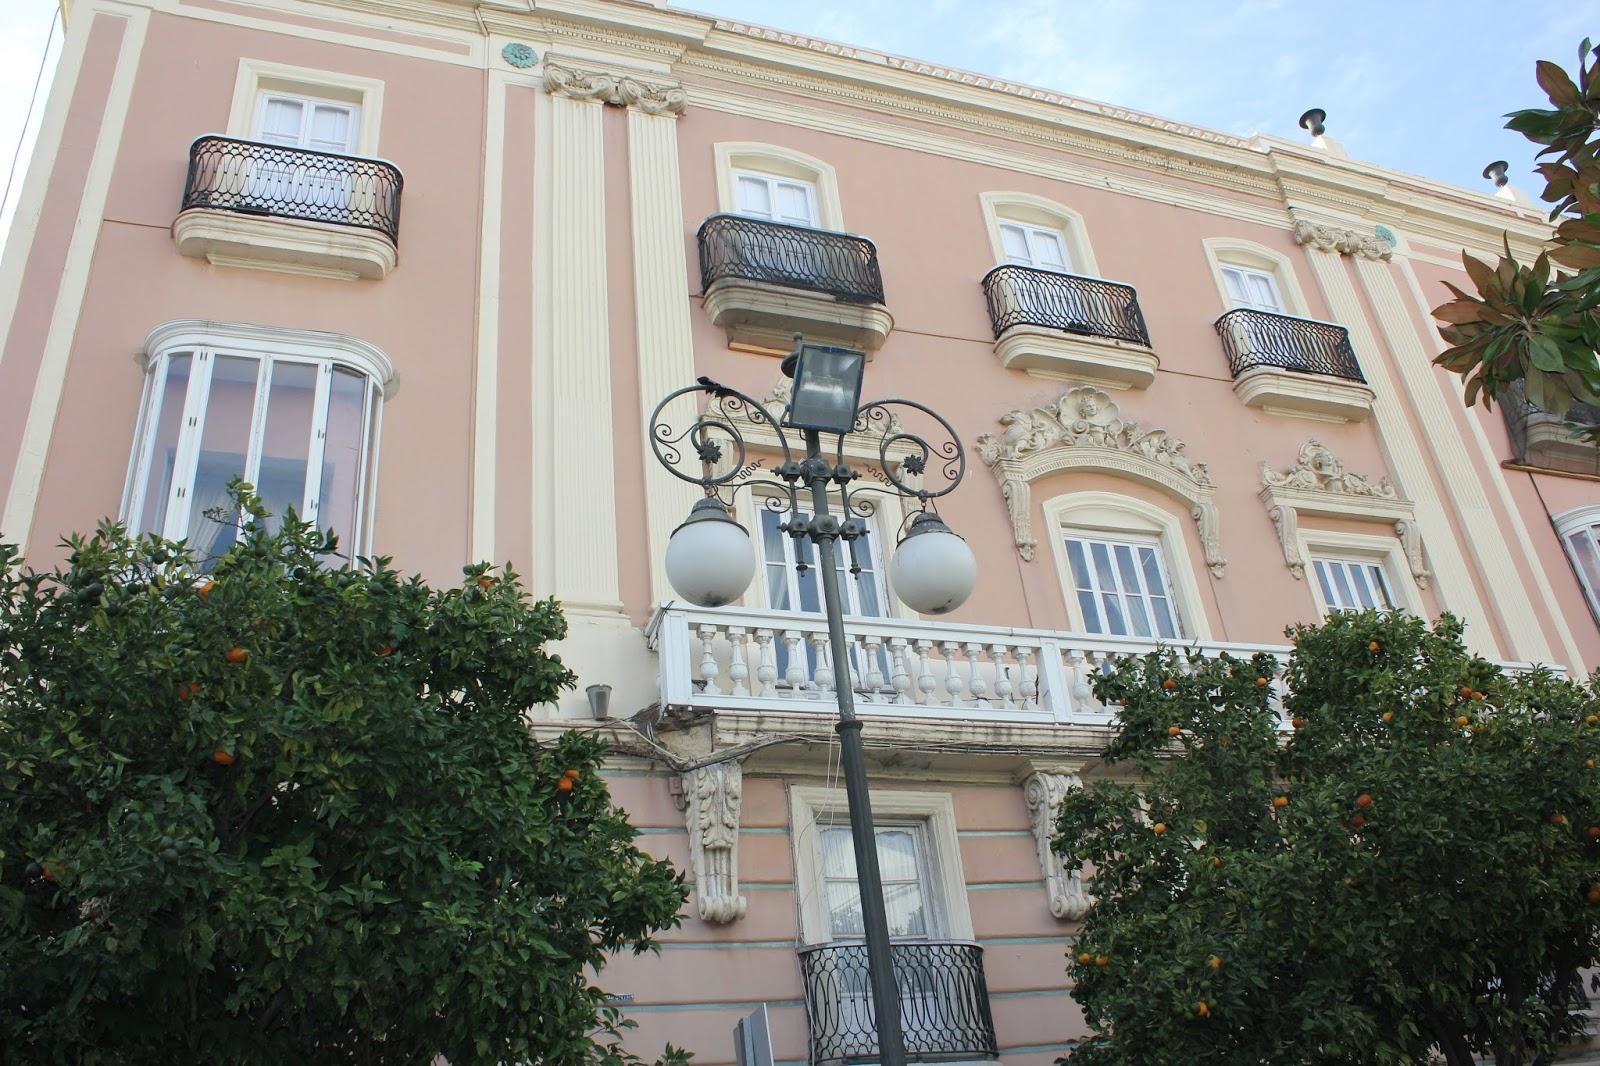 Maravillas ocultas de espa a febrero 2013 for 5 principales villas ocultas